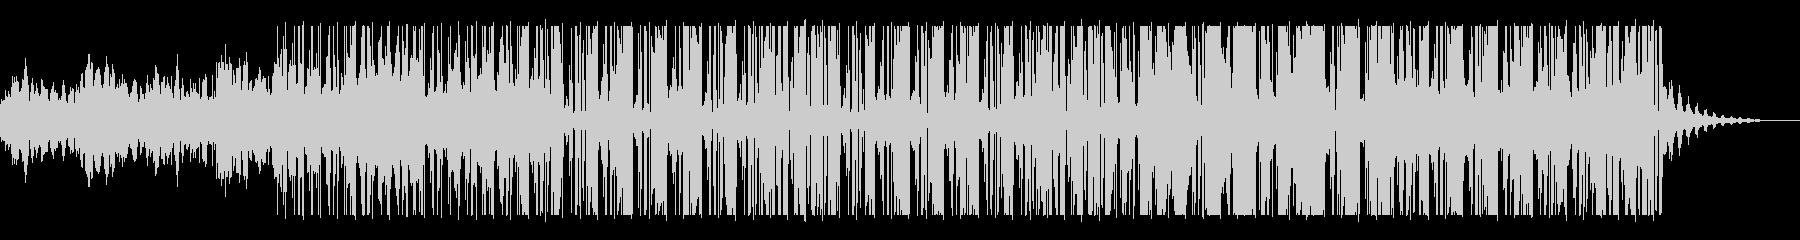 多目的BGM用スムースジャズの未再生の波形